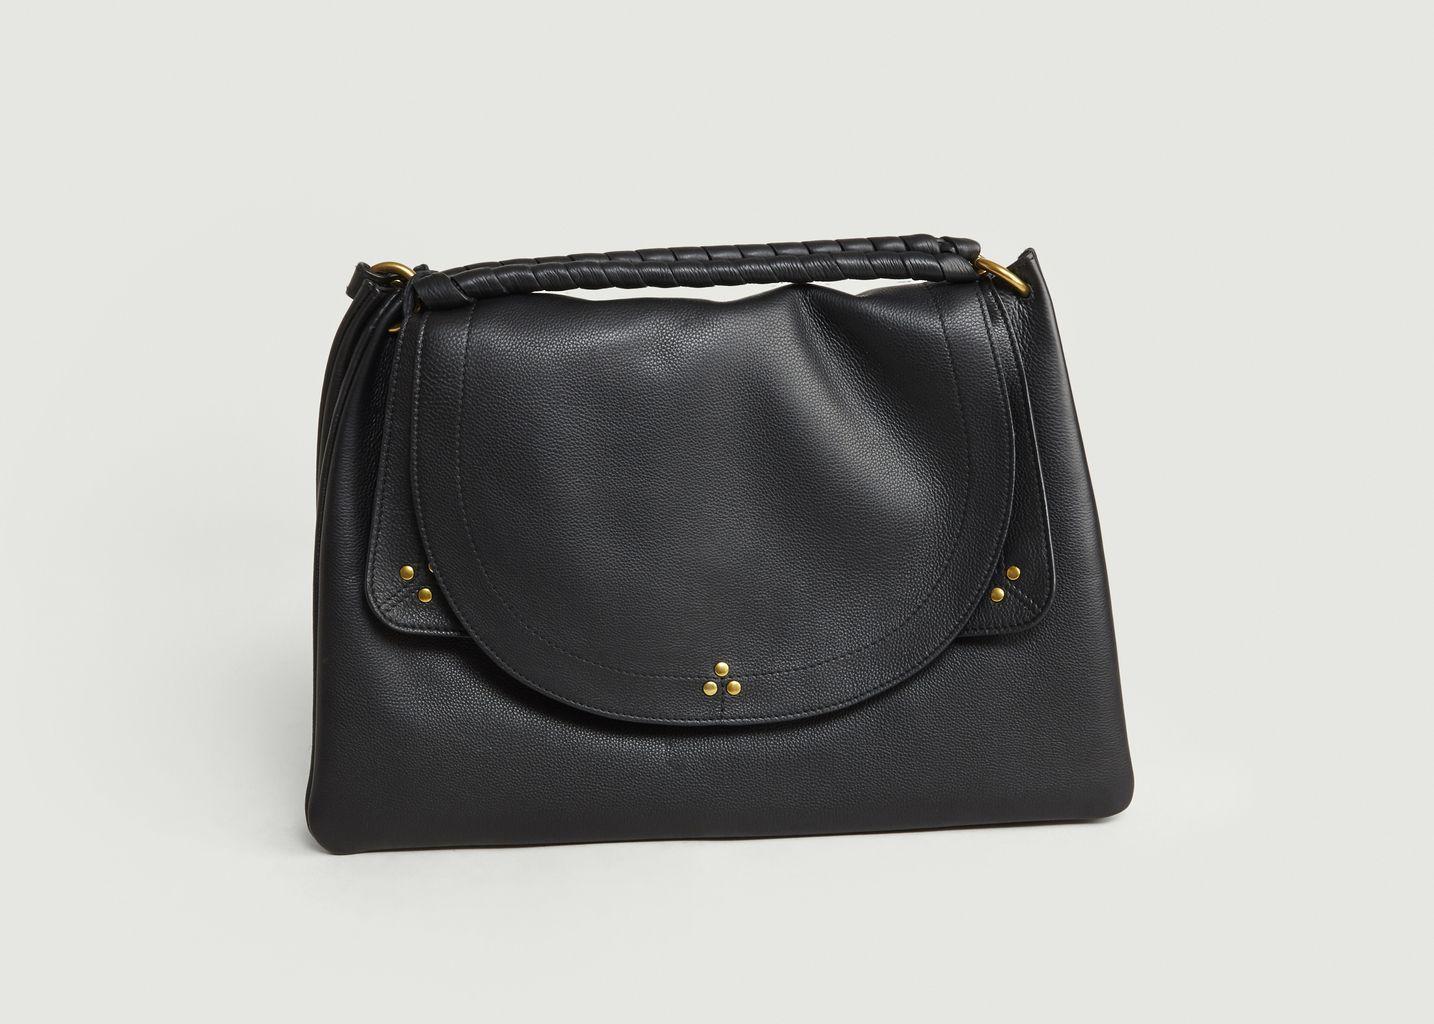 Oscar L Handbag Jérôme Dreyfuss